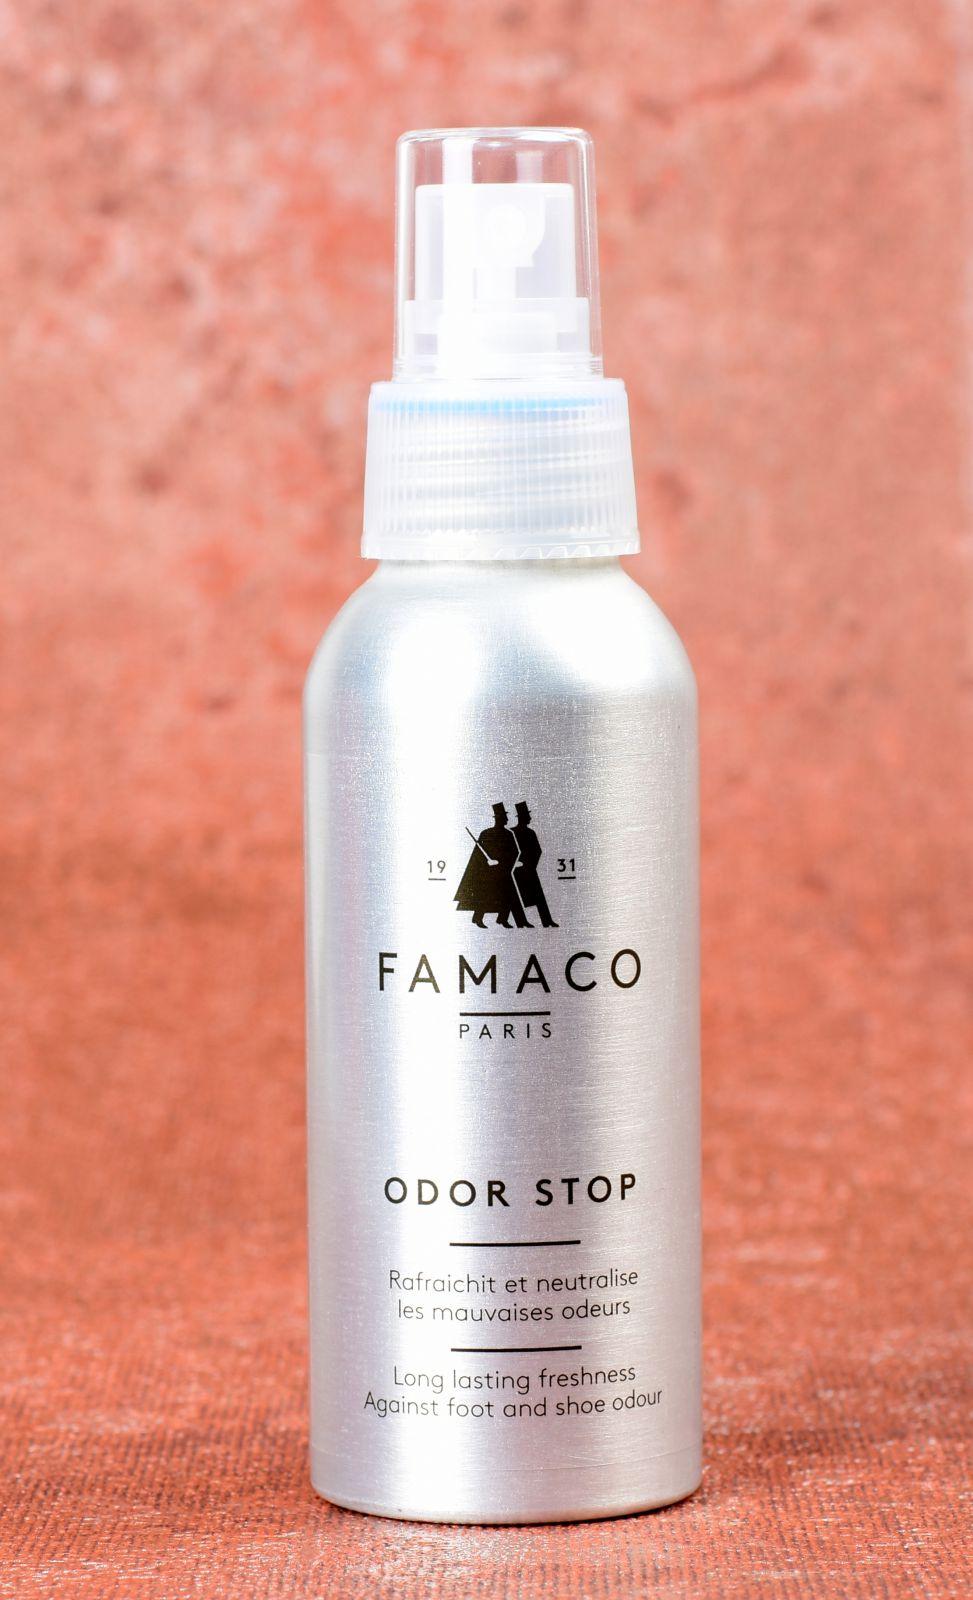 Famaco deodorant do bot, rozprašovač, 100ml Famaco, Francie